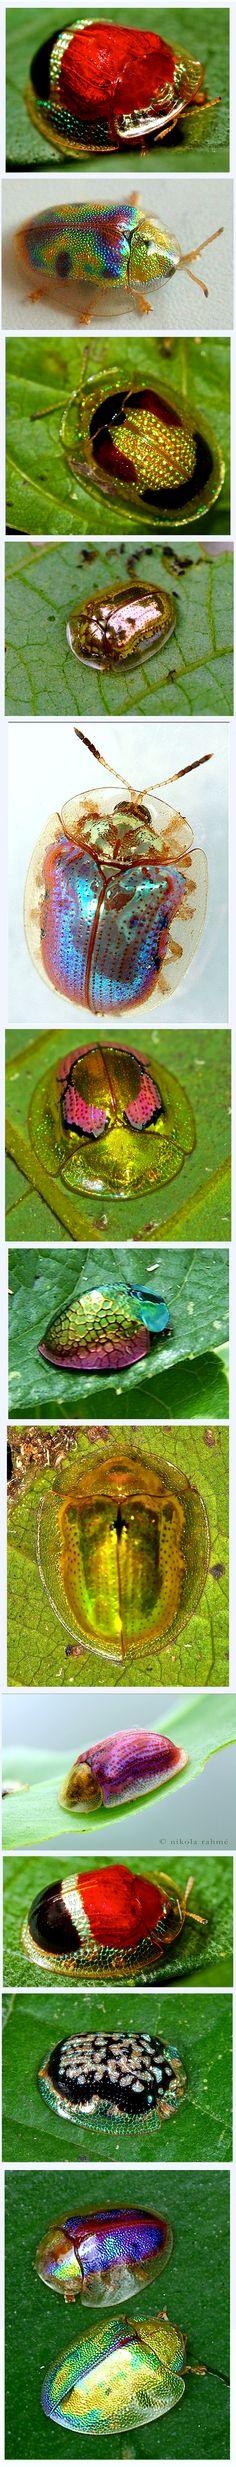 Tortoise Beetles - collage